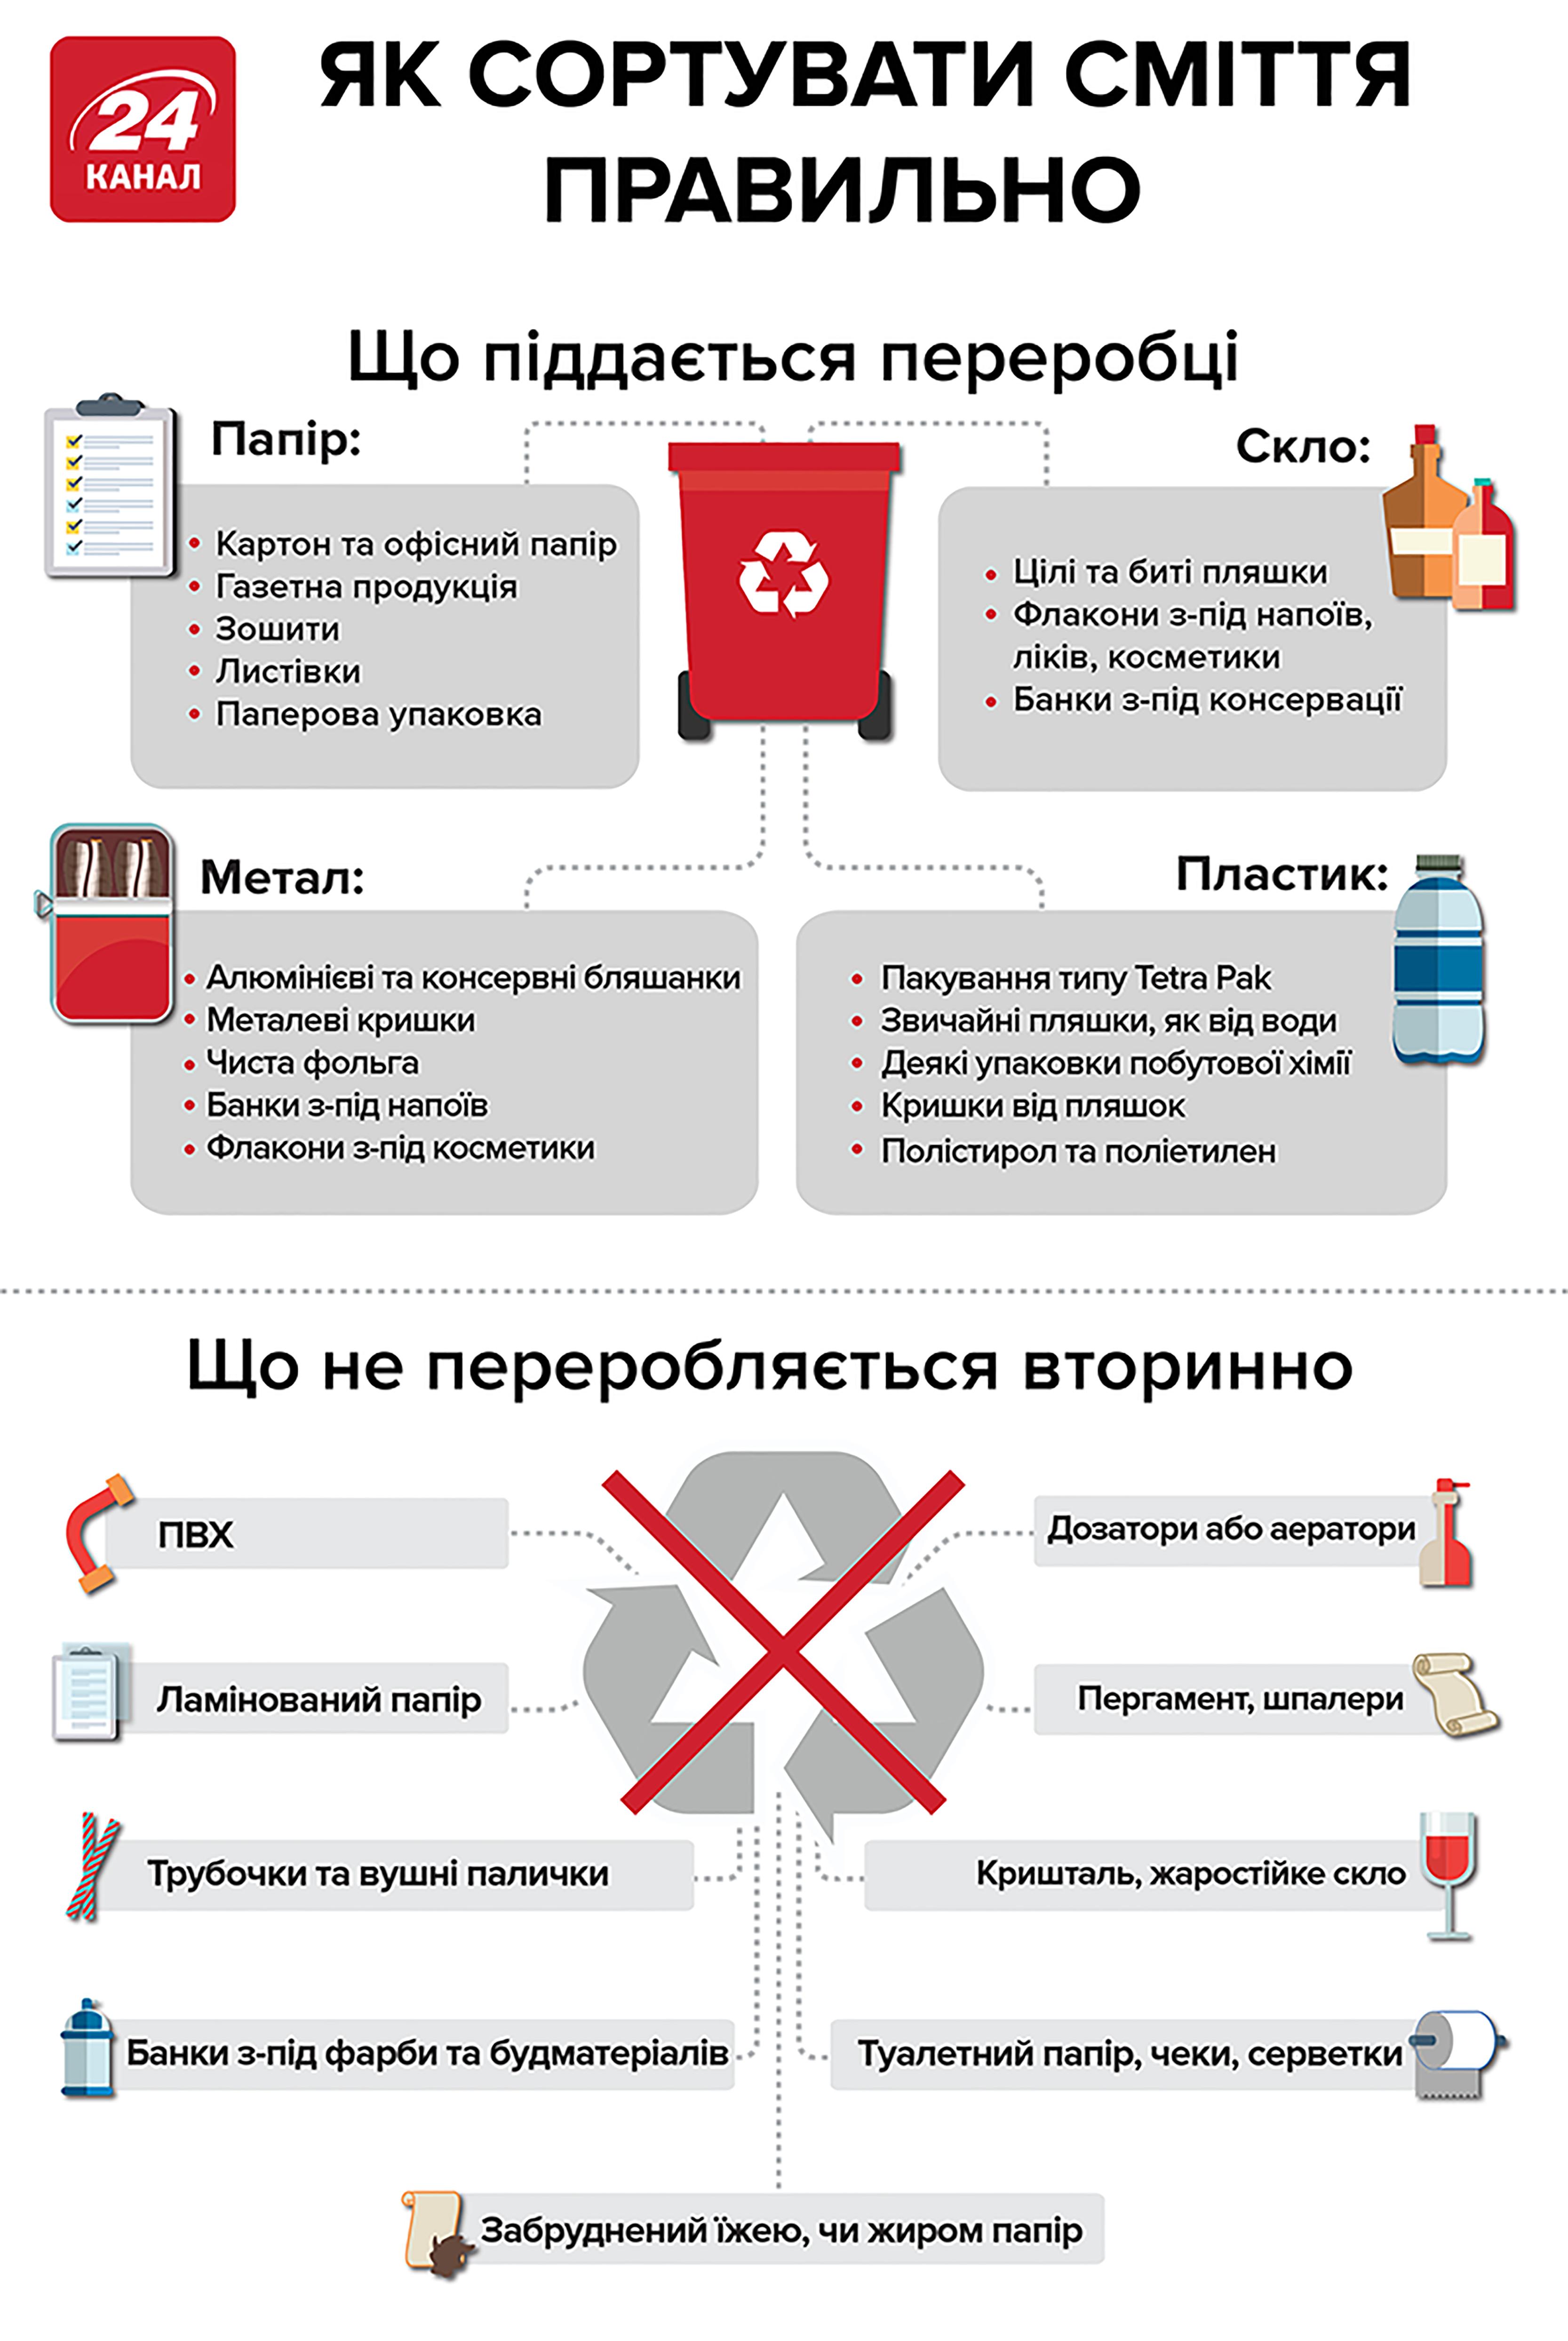 Як правильно сортувати сміття